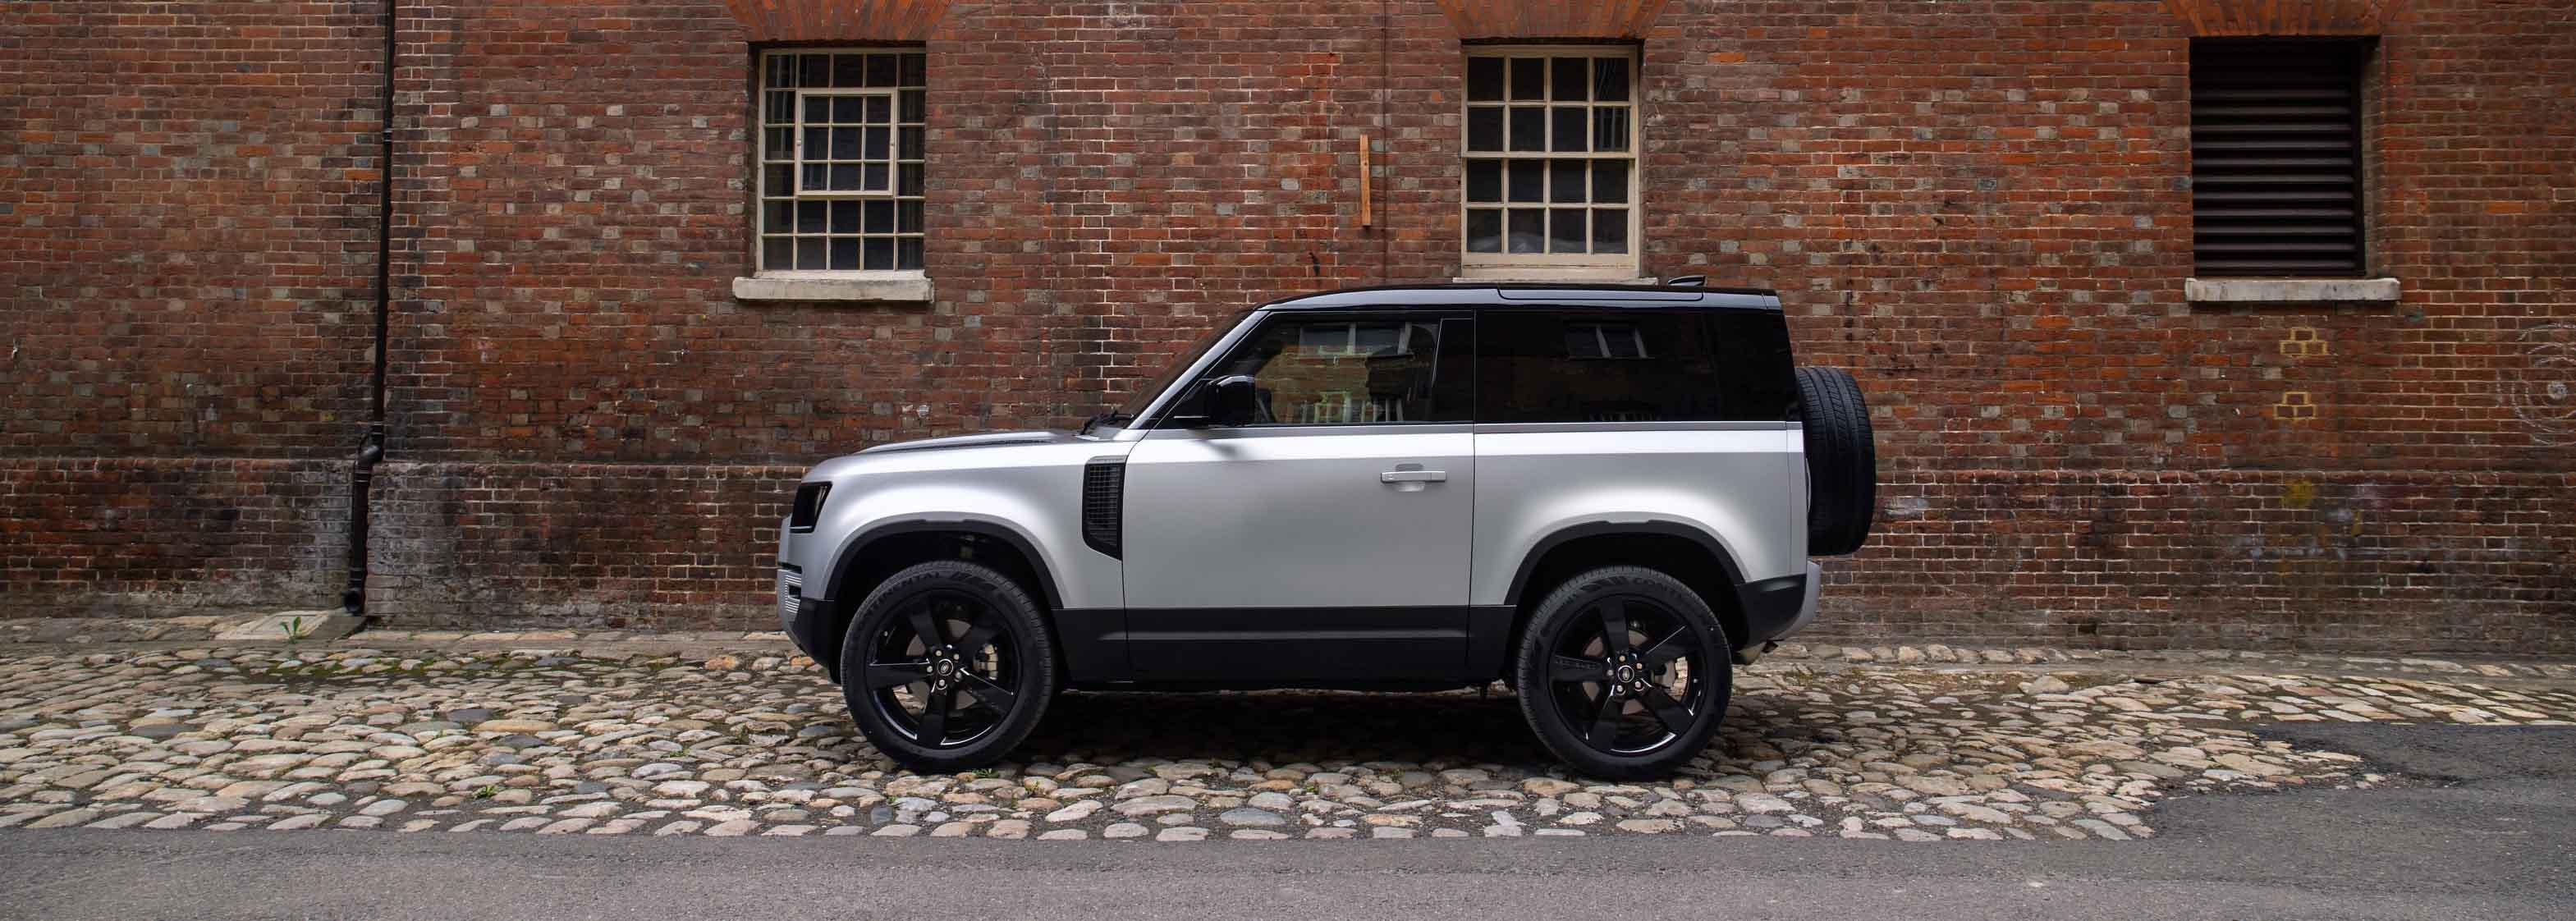 Land Rover Defender range expanded video-banner